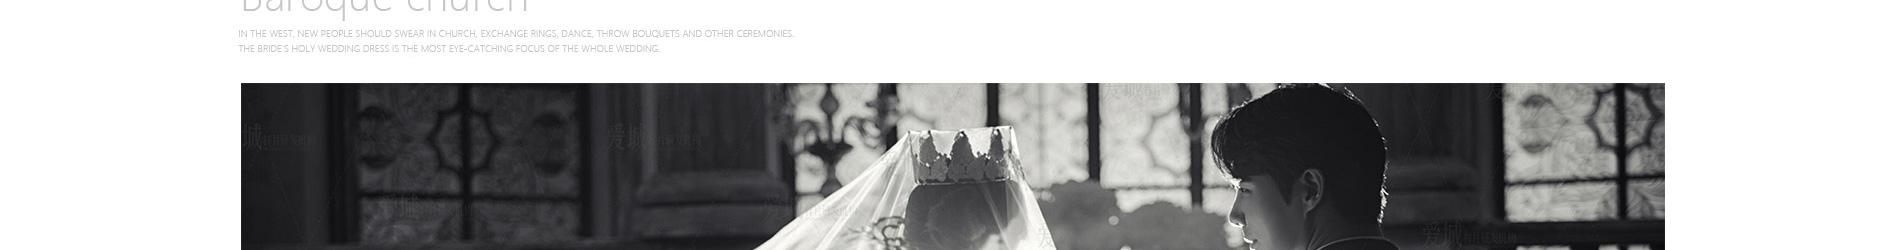 巴洛克婚礼